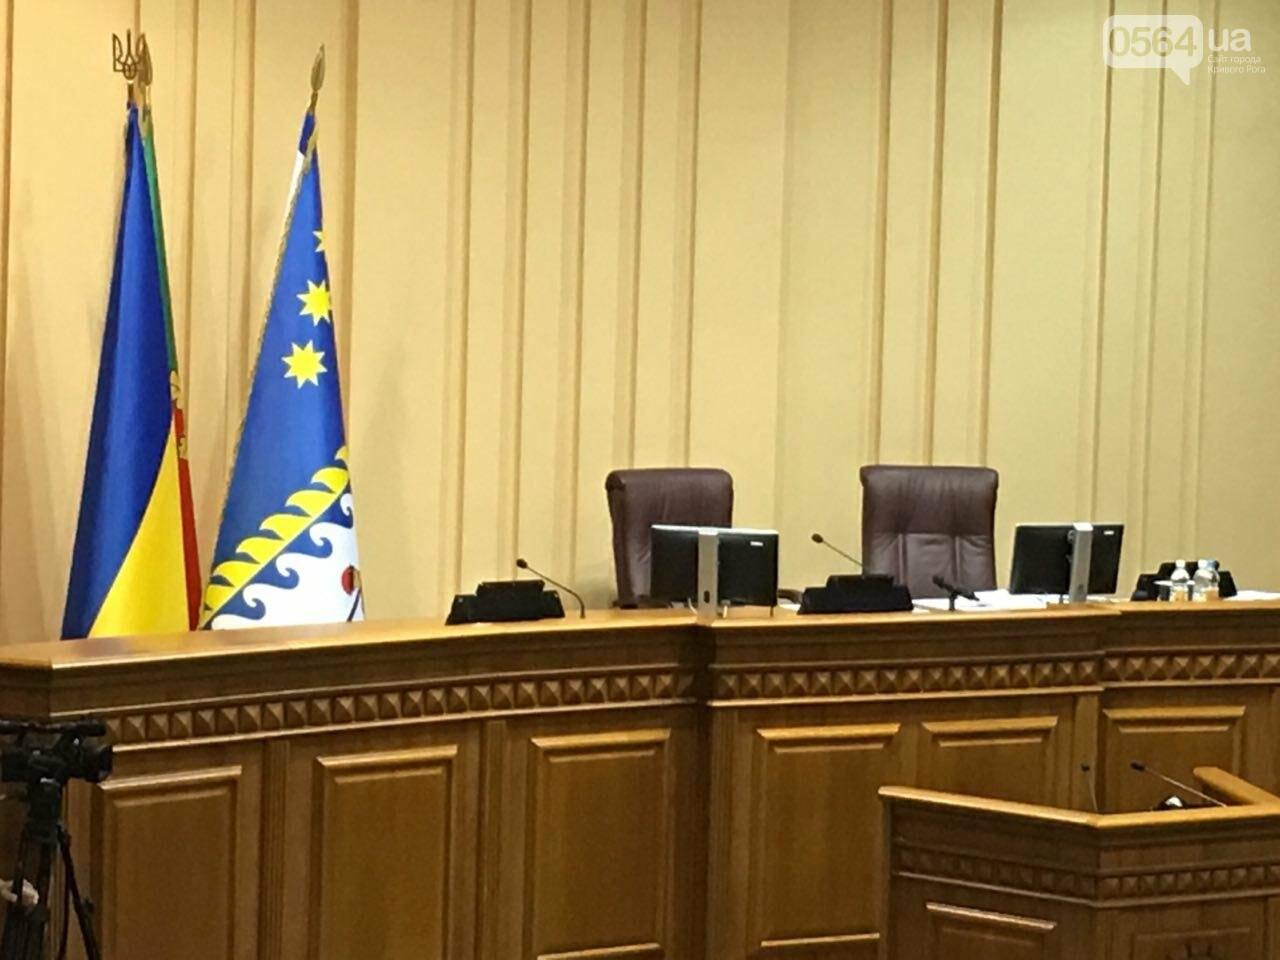 Криворожские депутаты обсудят вопрос премирования мэра и его заместителей, тариф на проезд в маршрутках и поддержку бизнесменов, - ФОТО, фото-11